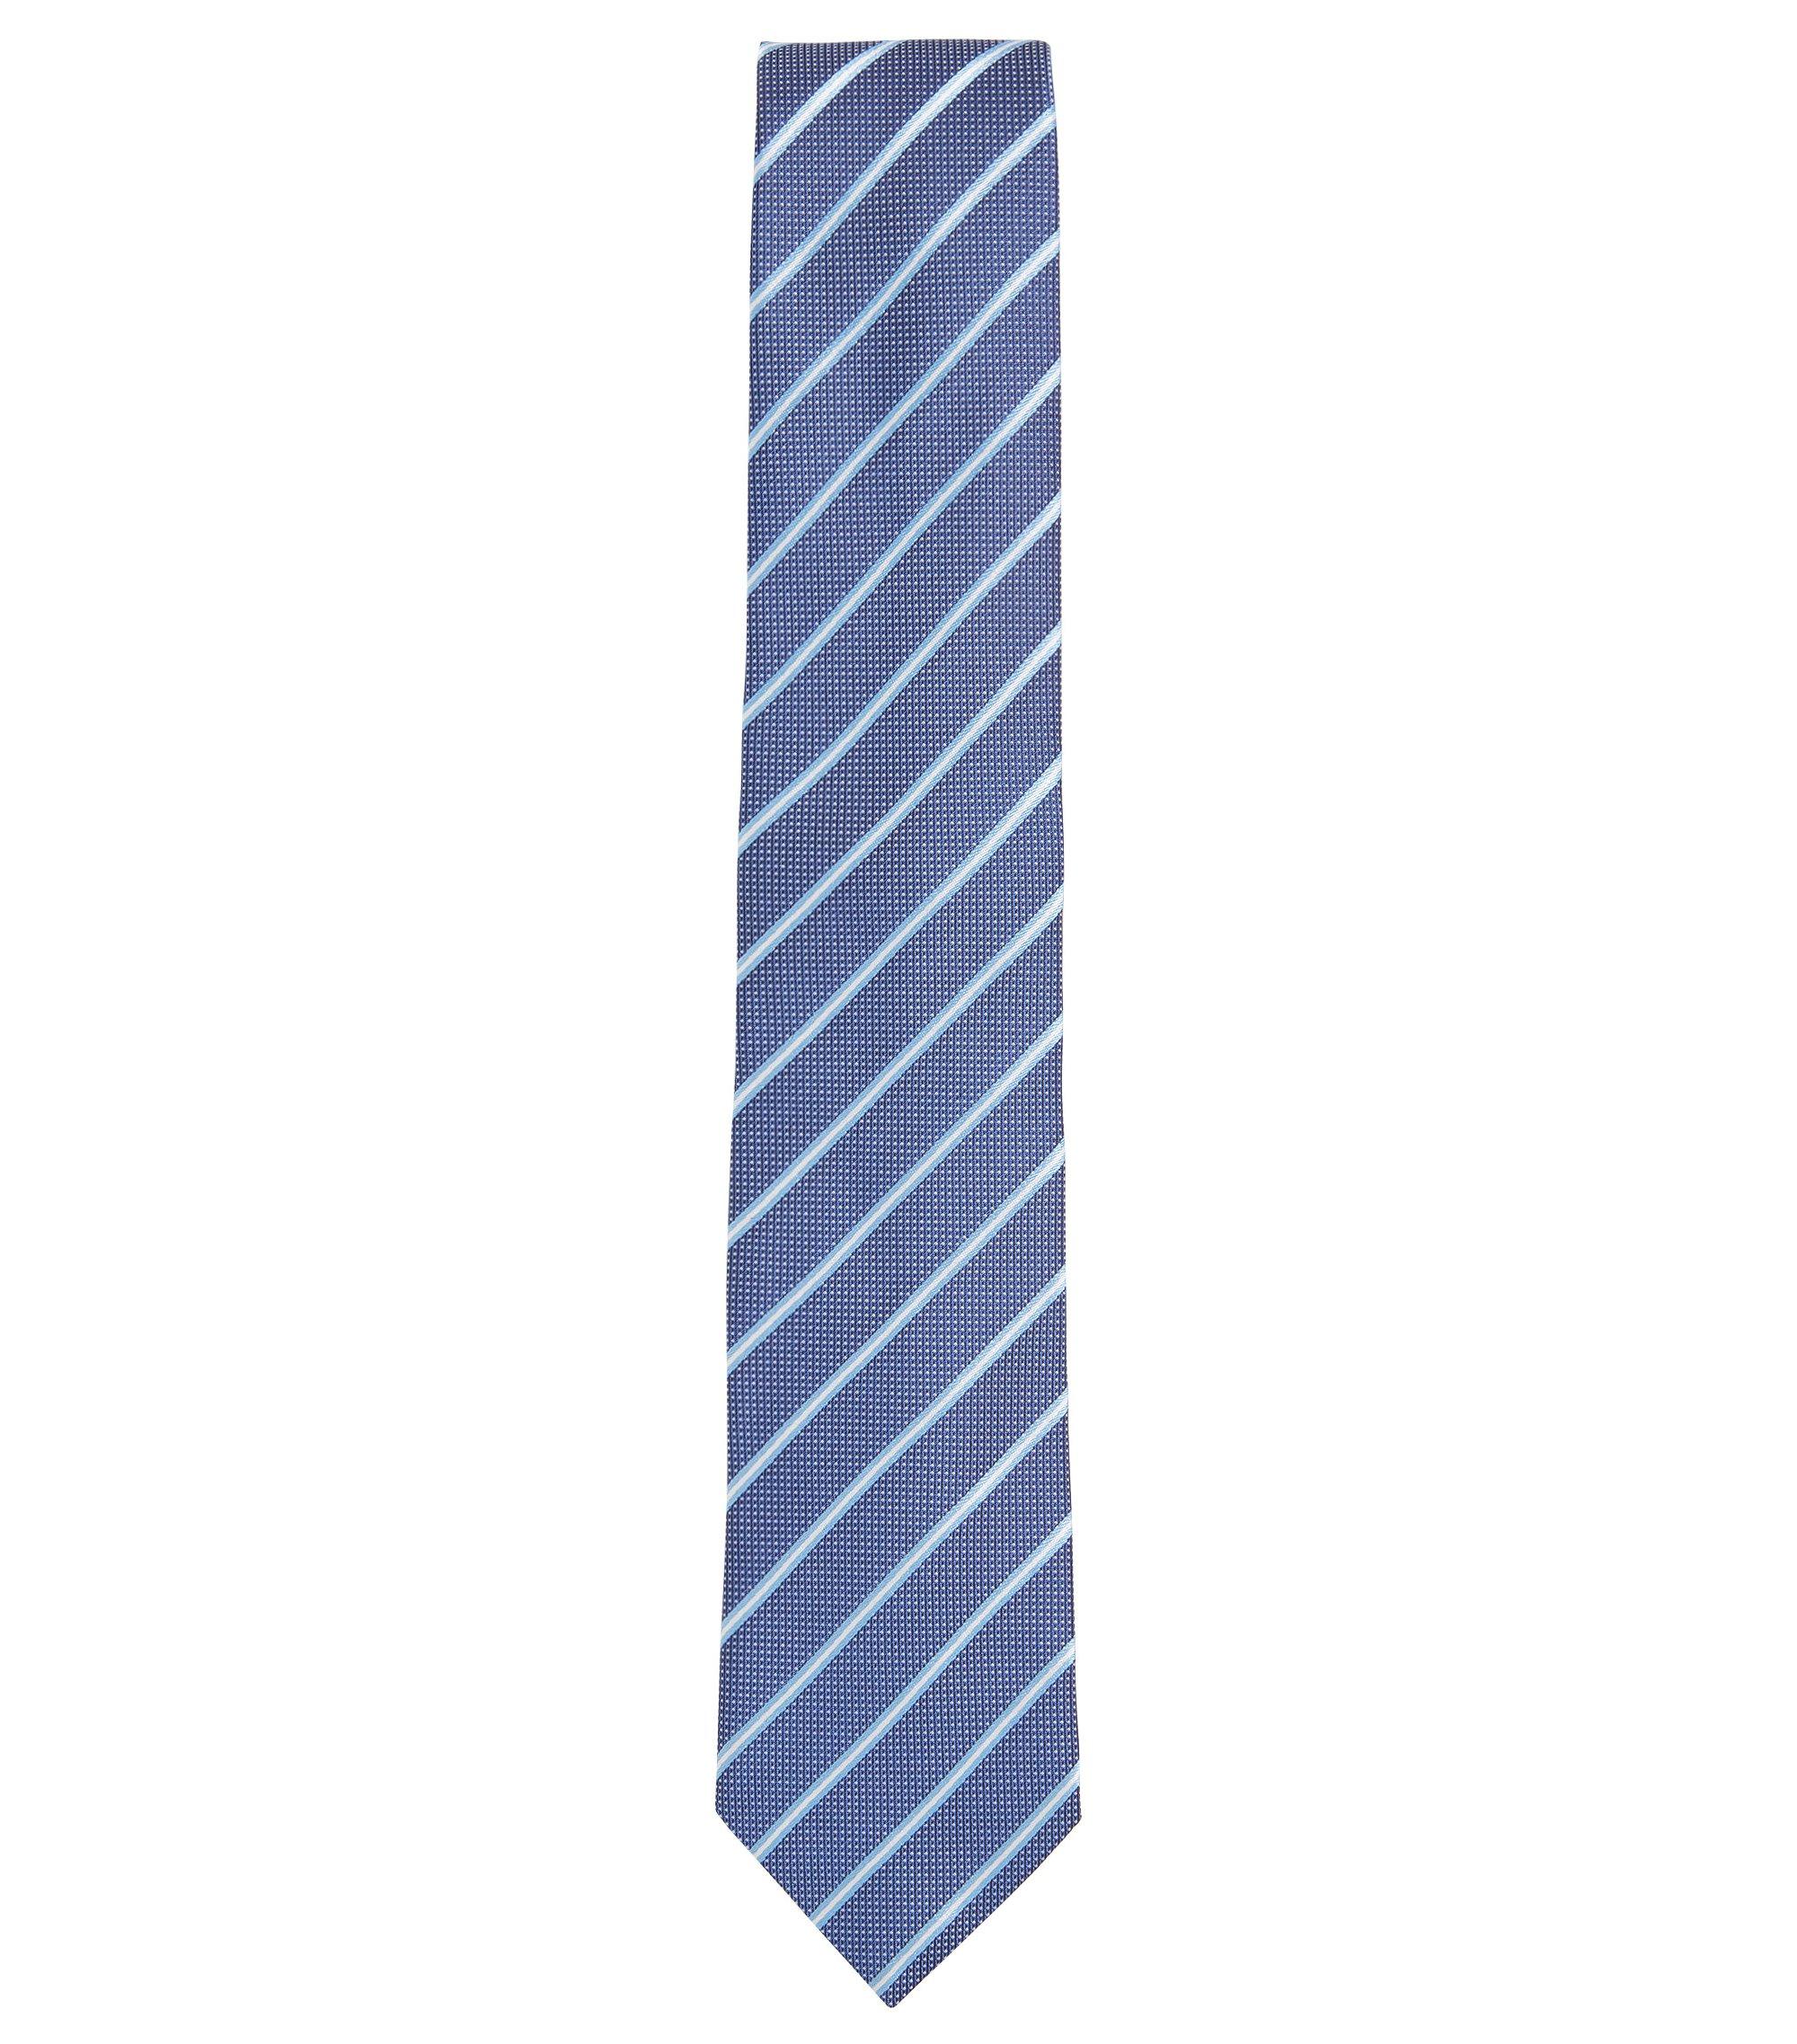 Cravate jacquard en soie fine à rayure, Bleu